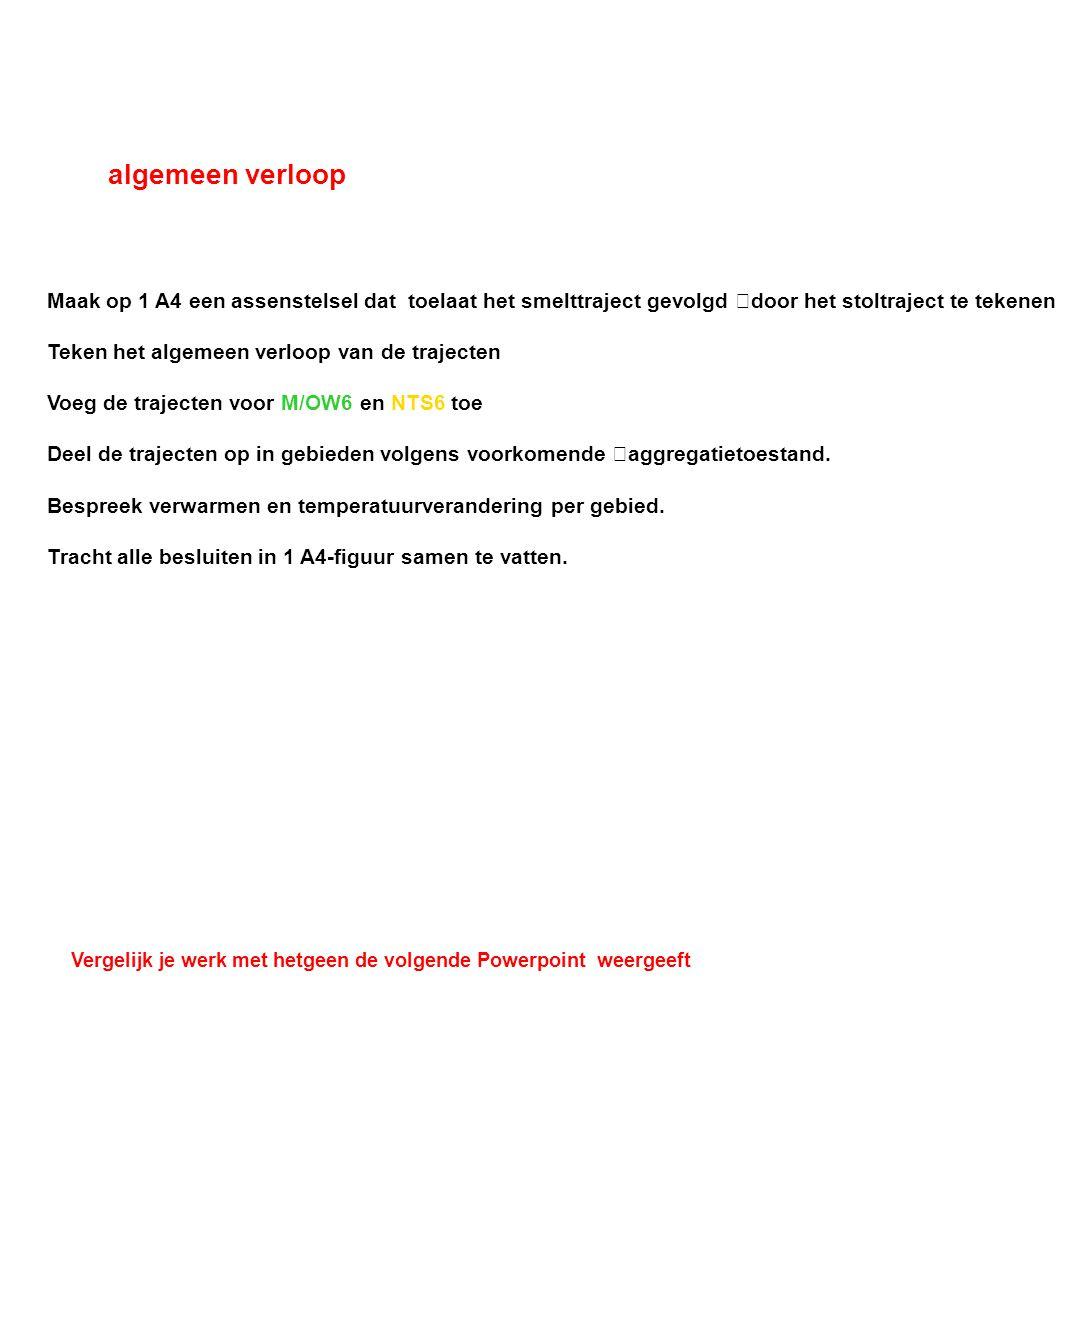 algemeen verloop Maak op 1 A4 een assenstelsel dat toelaat het smelttraject gevolgd door het stoltraject te tekenen Teken het algemeen verloop van de